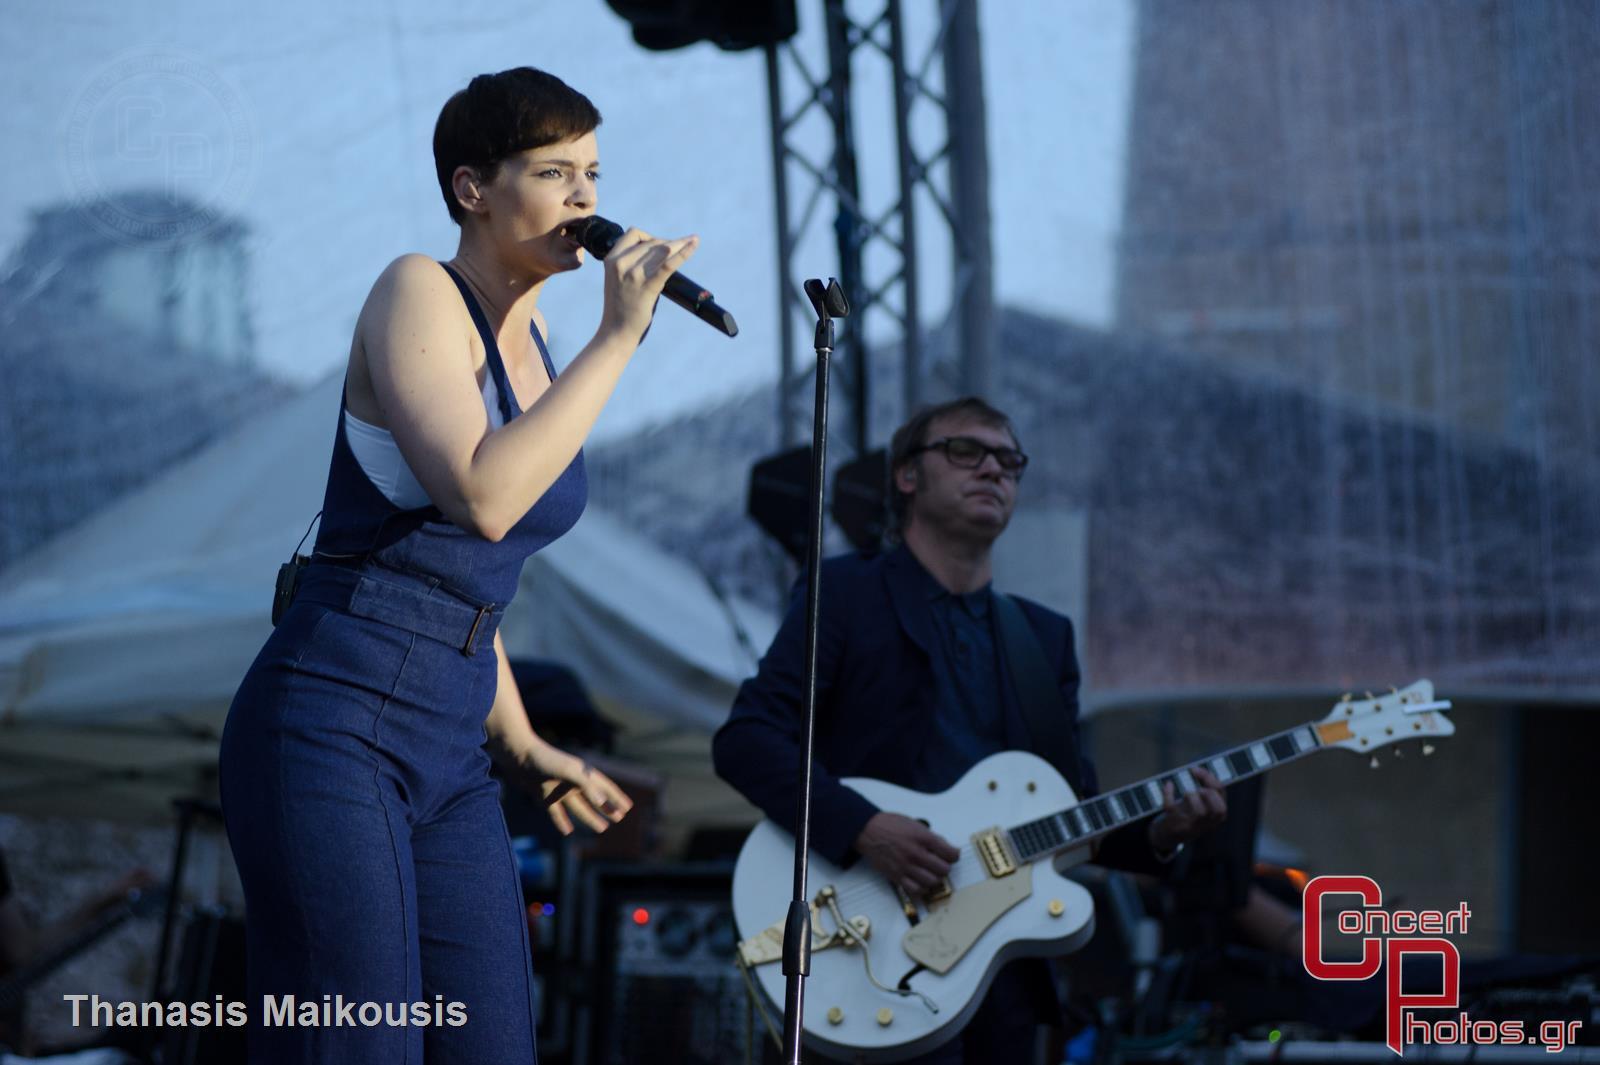 En Lefko 2014-En Lefko 2014 photographer: Thanasis Maikousis - concertphotos_20140620_20_57_33